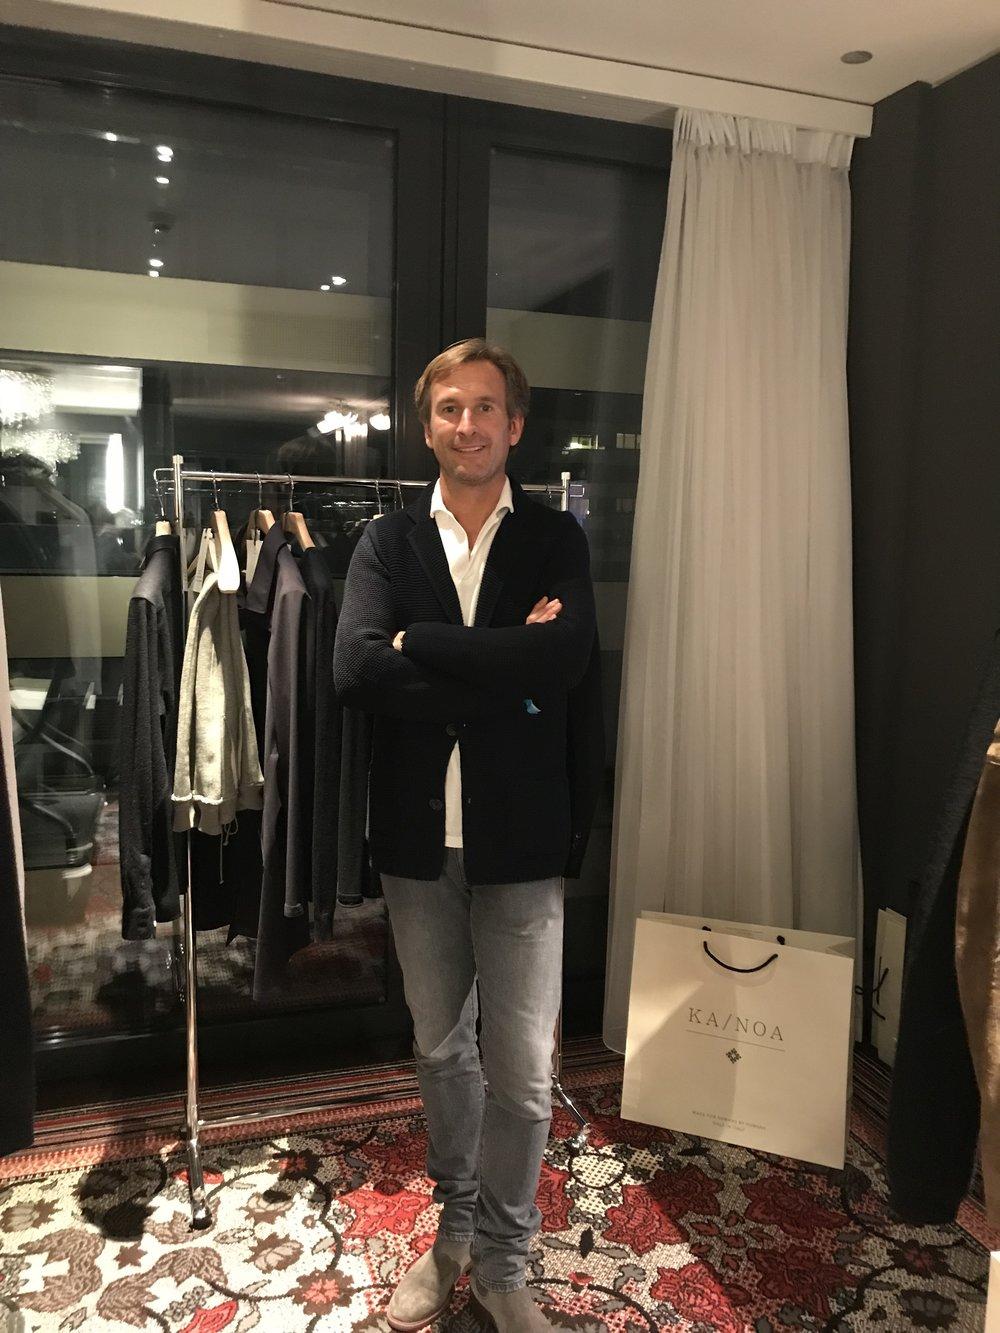 Bruno Grande, founder and wardrobe designer of KA/NOA